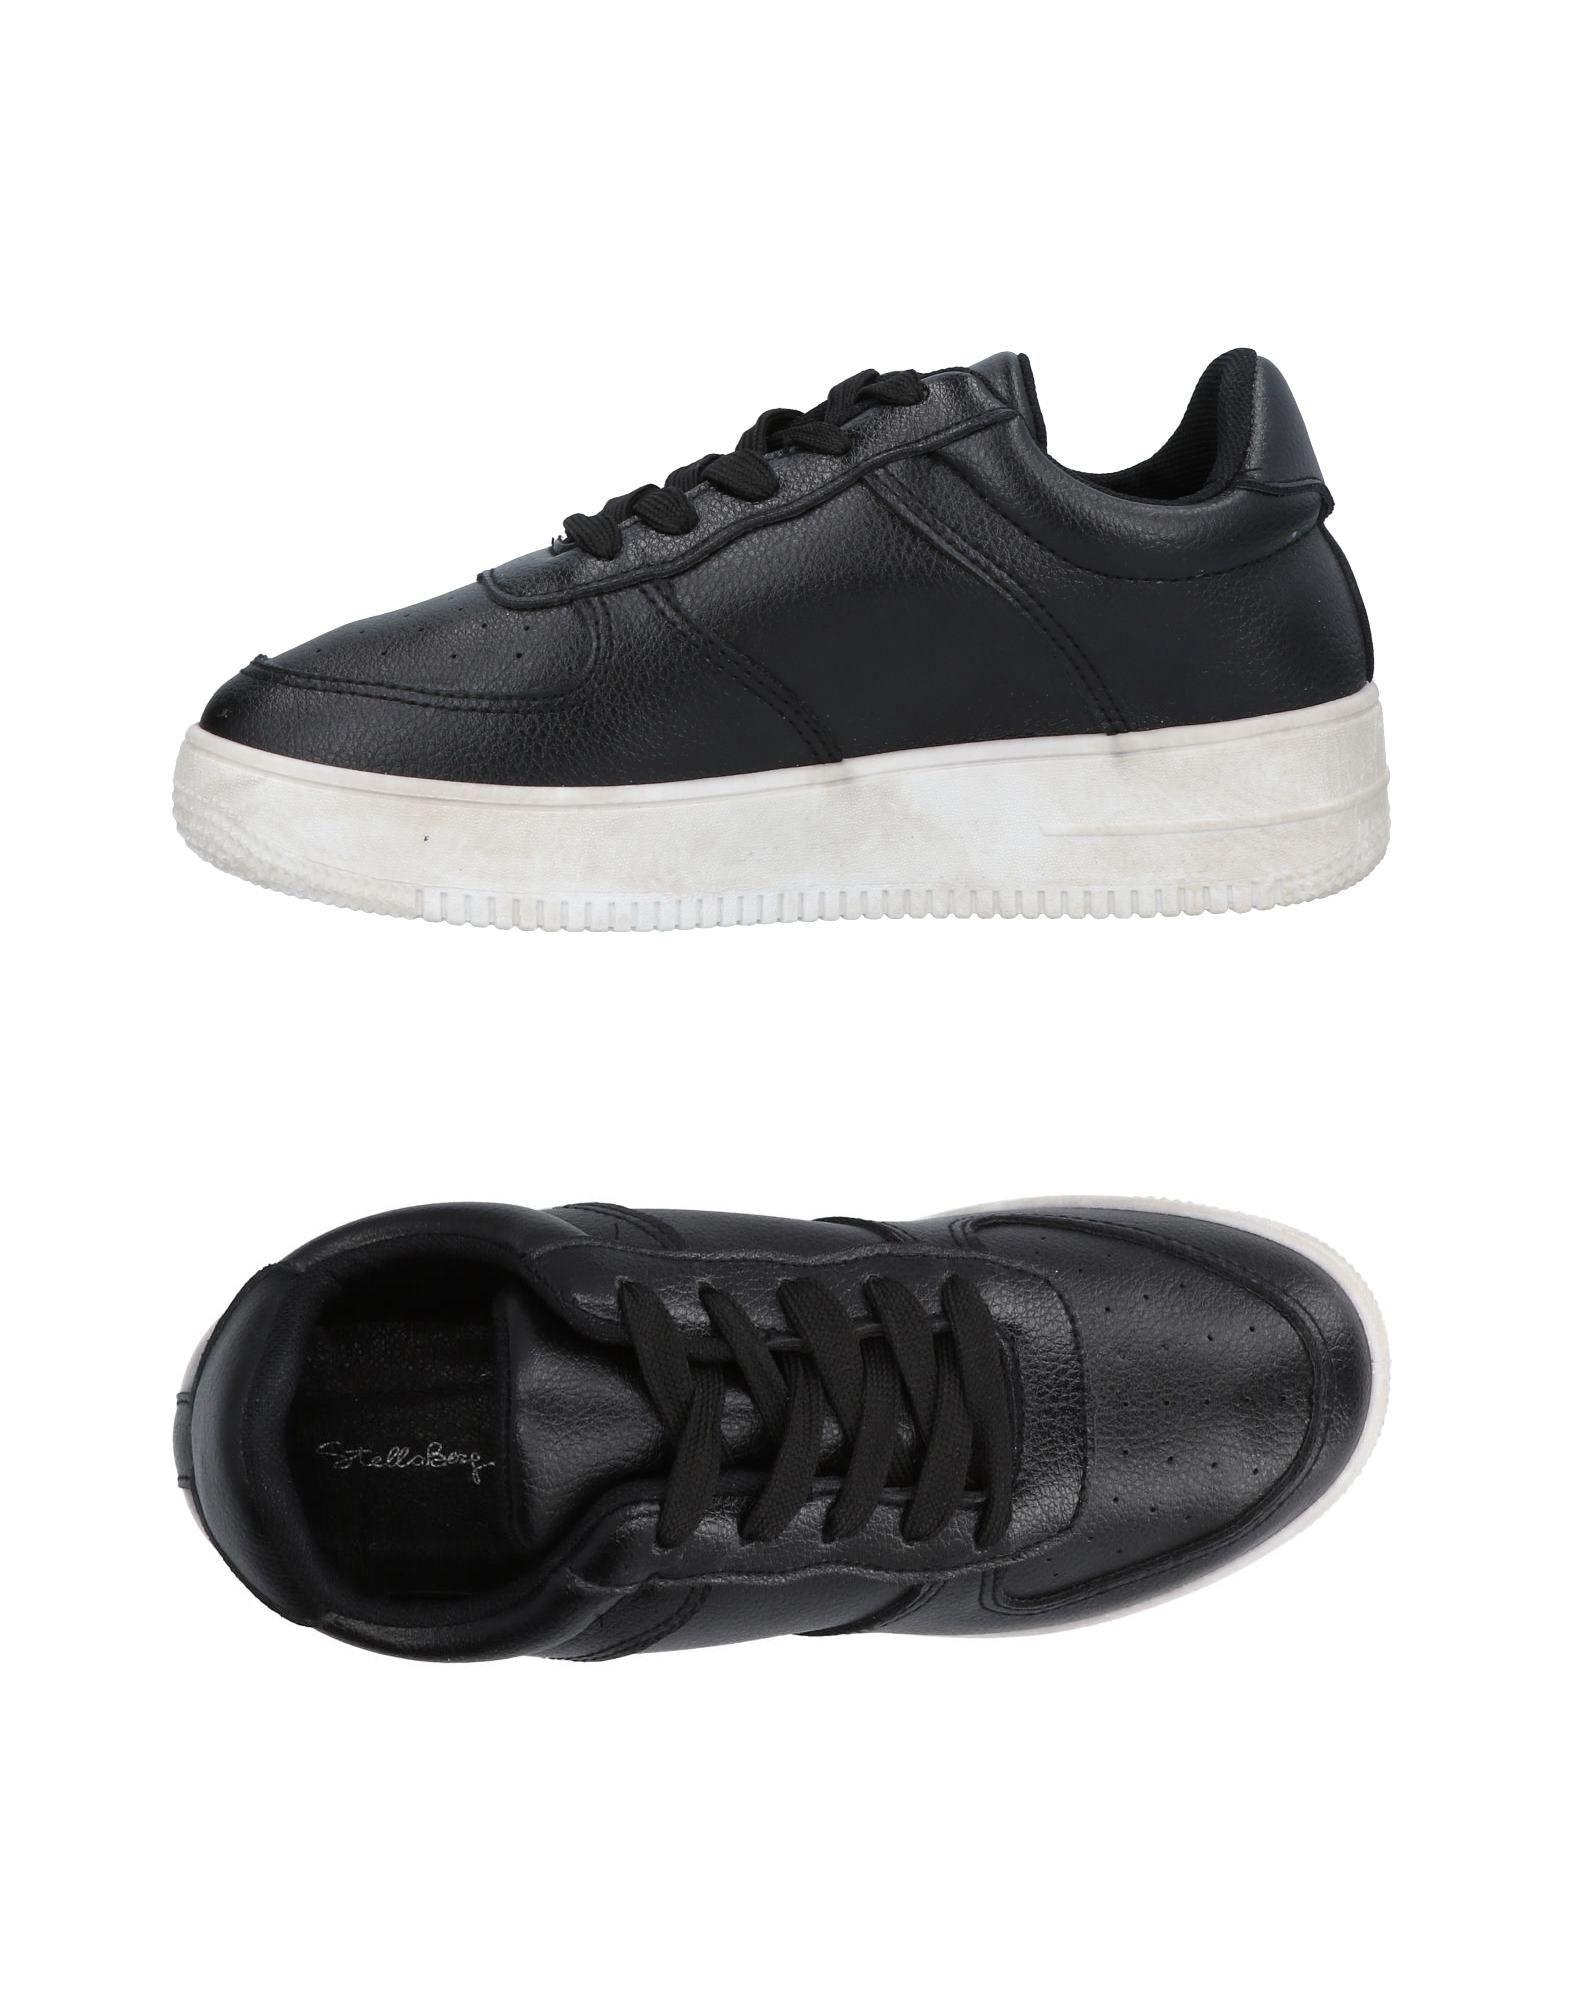 Baskets Stellaberg Femme - Baskets Stellaberg Noir Nouvelles chaussures pour hommes et femmes, remise limitée dans le temps